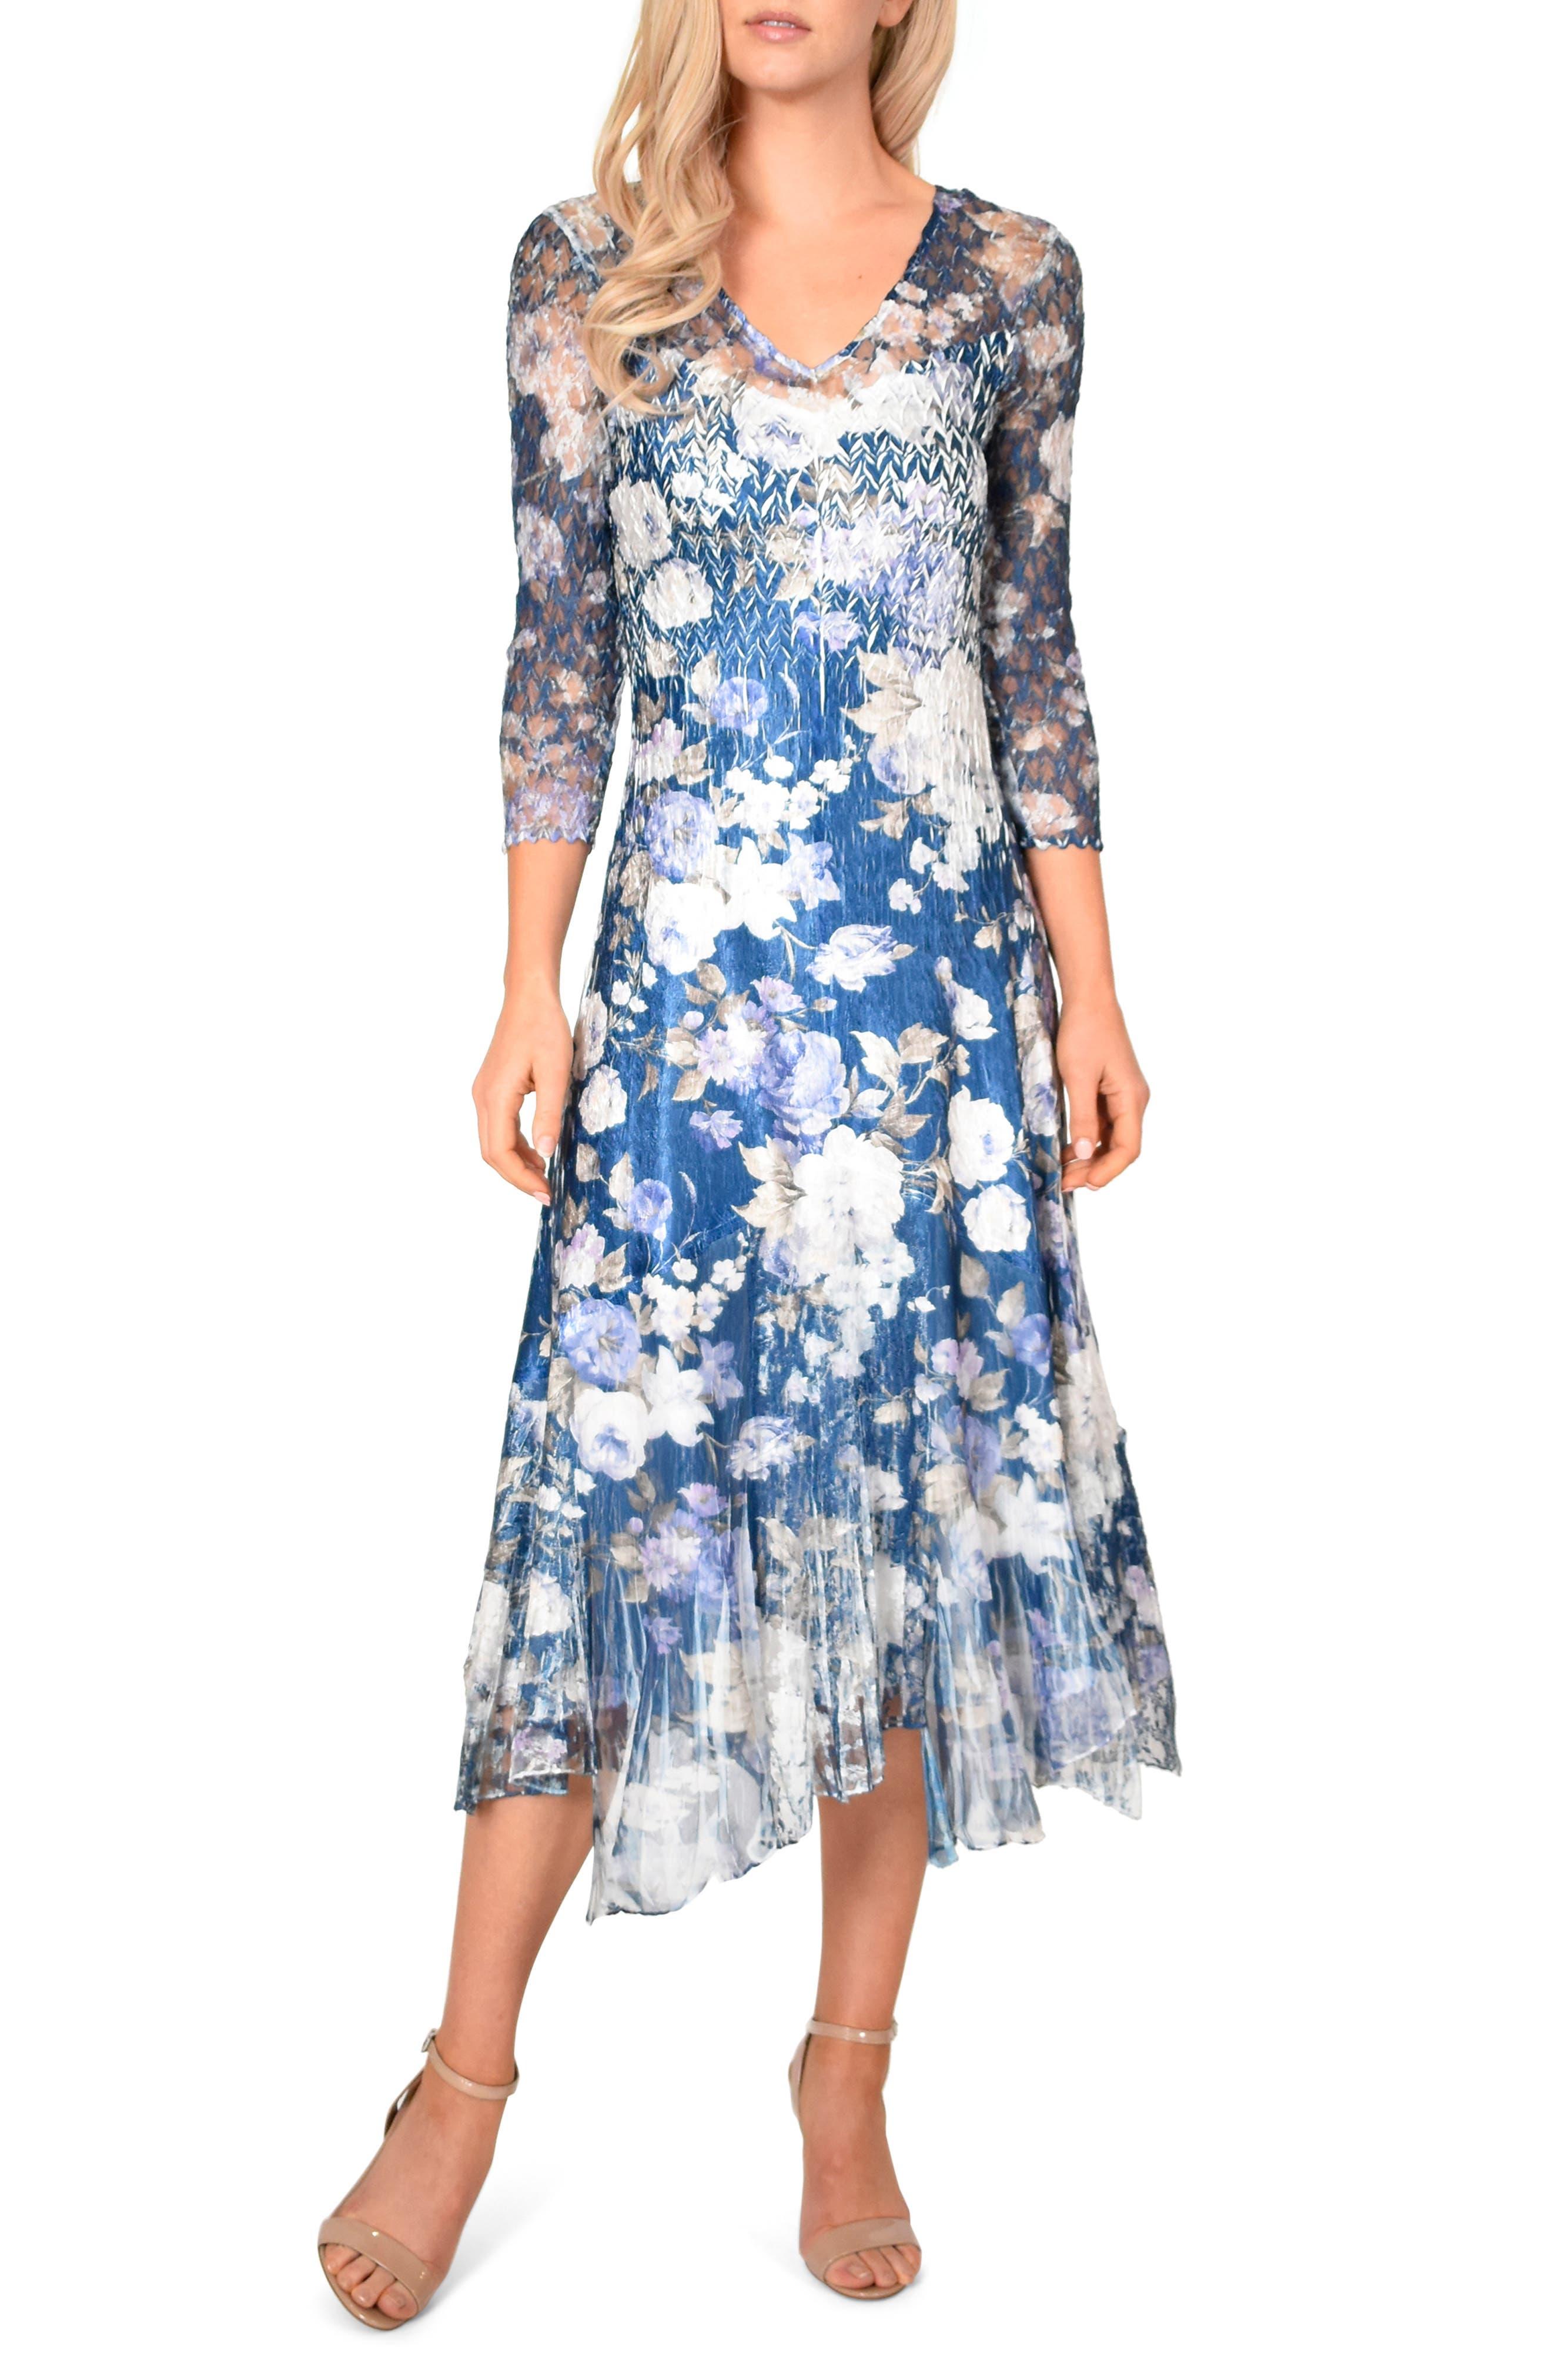 KOMAROV, Floral Charmeuse & Chiffon Dress, Main thumbnail 1, color, OLENADER NIGHT